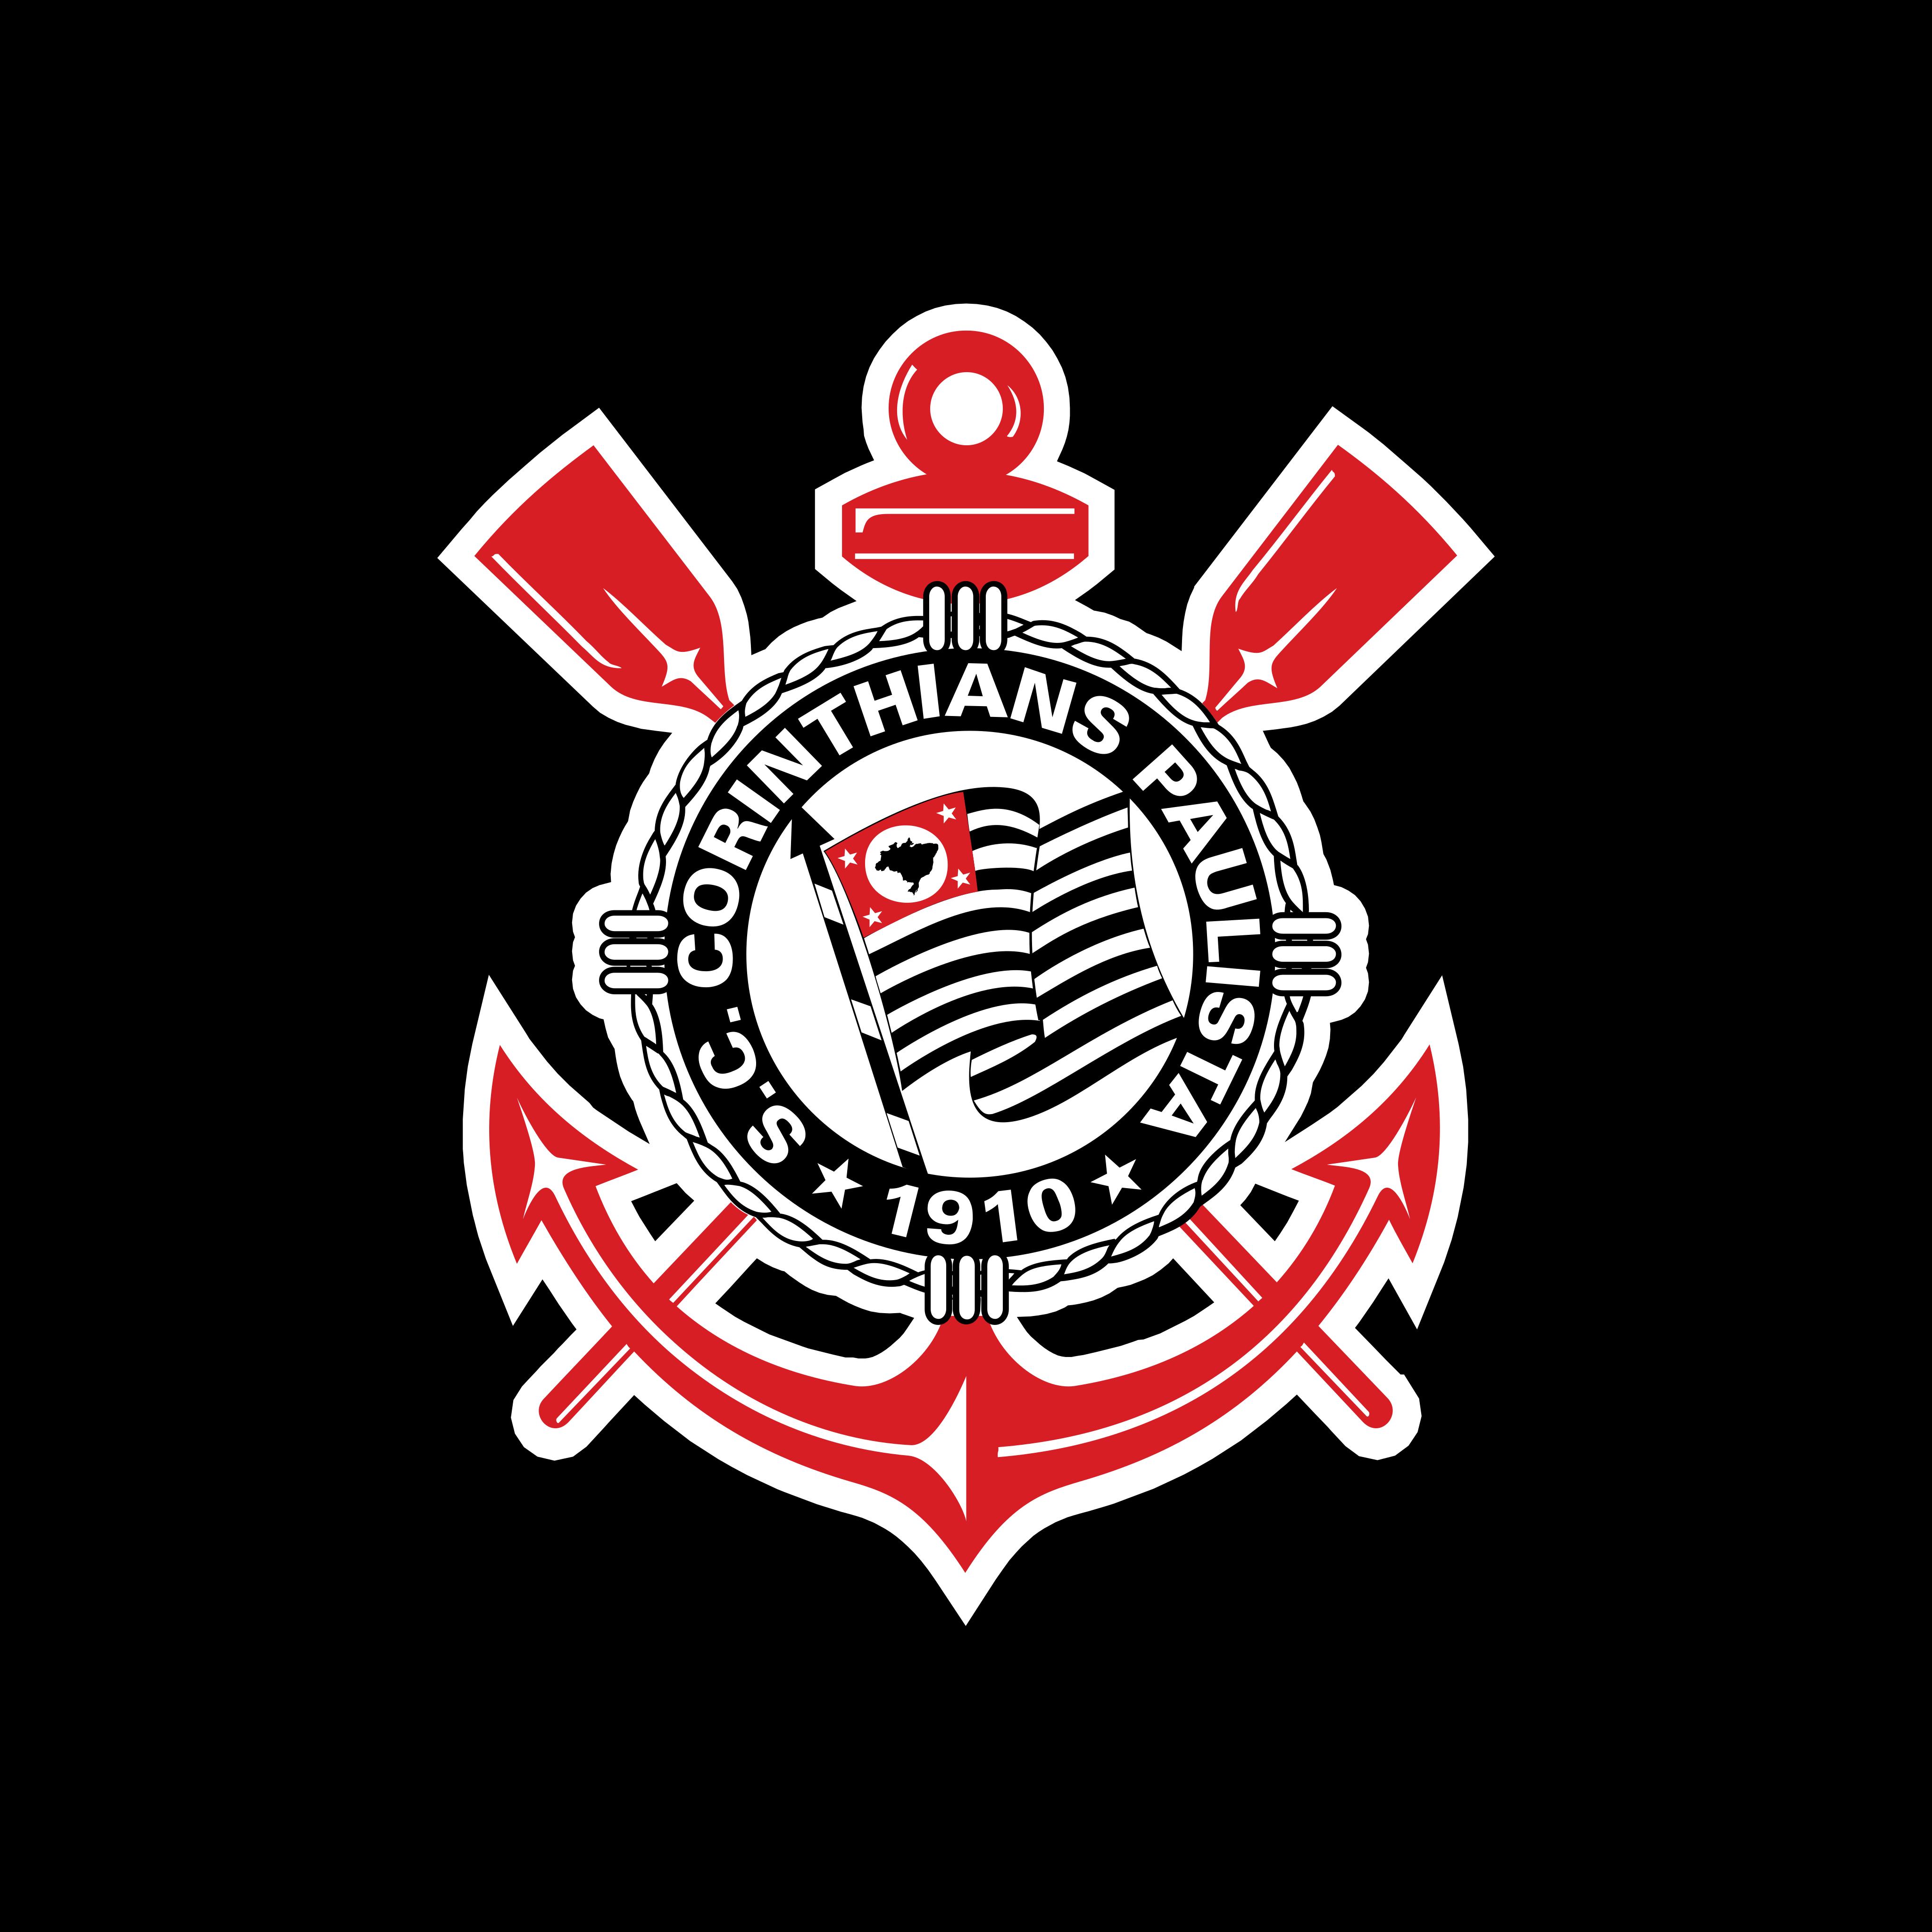 corinthians logo 0 - Corinthians Logo - Escudo